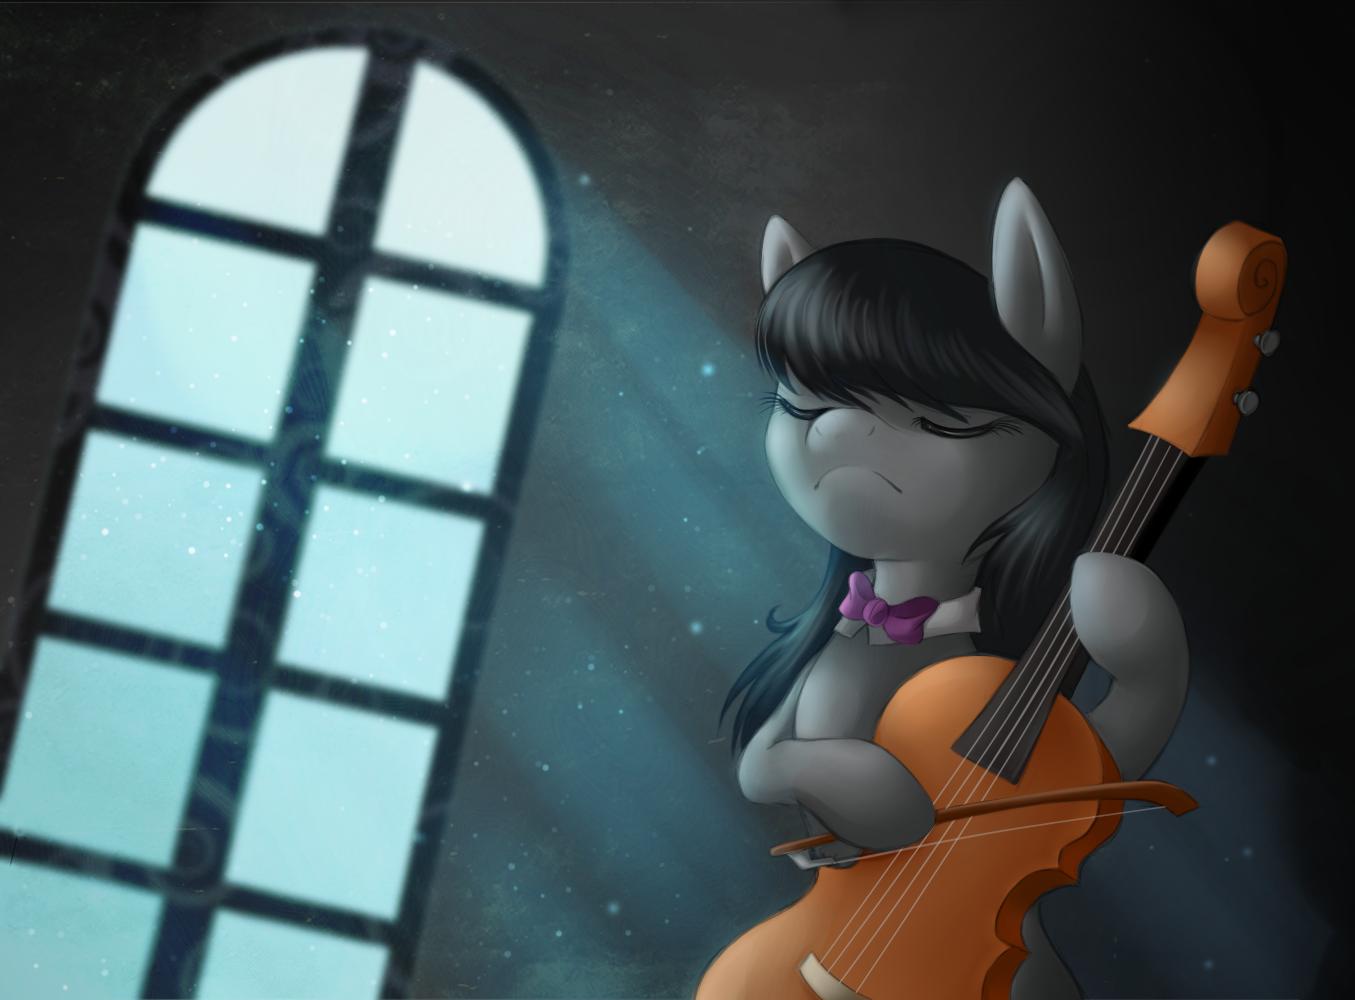 Octavia by Vampirenok